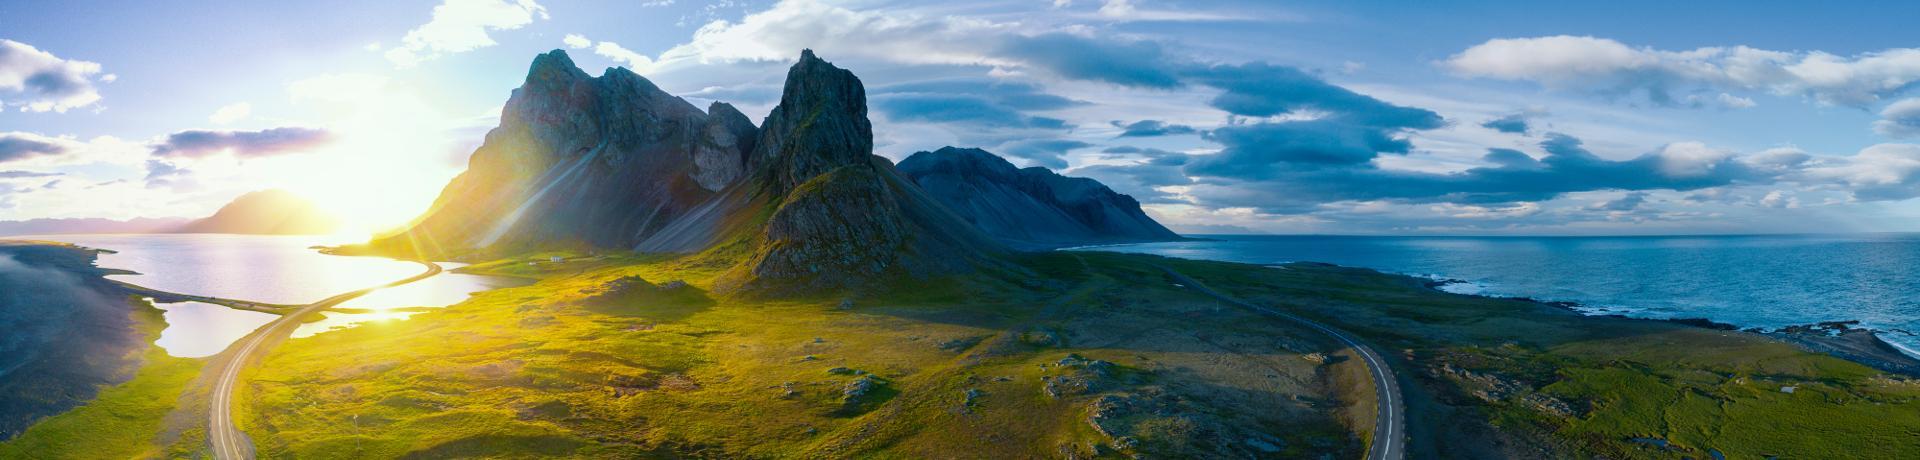 Berge-Meer-Island